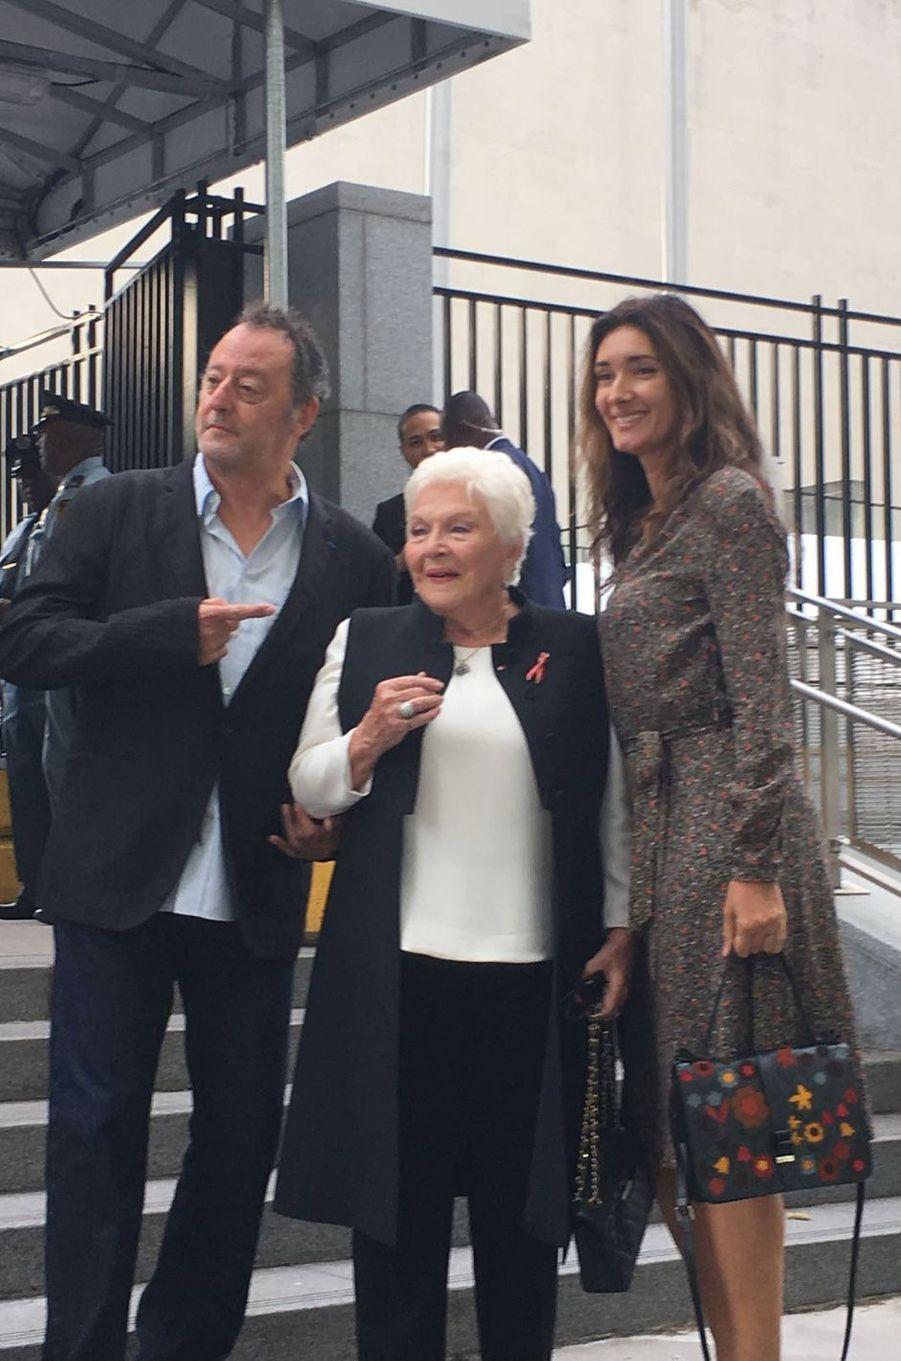 Line Renaud, en compagnie de Jean Reno et son épouse Zofia.